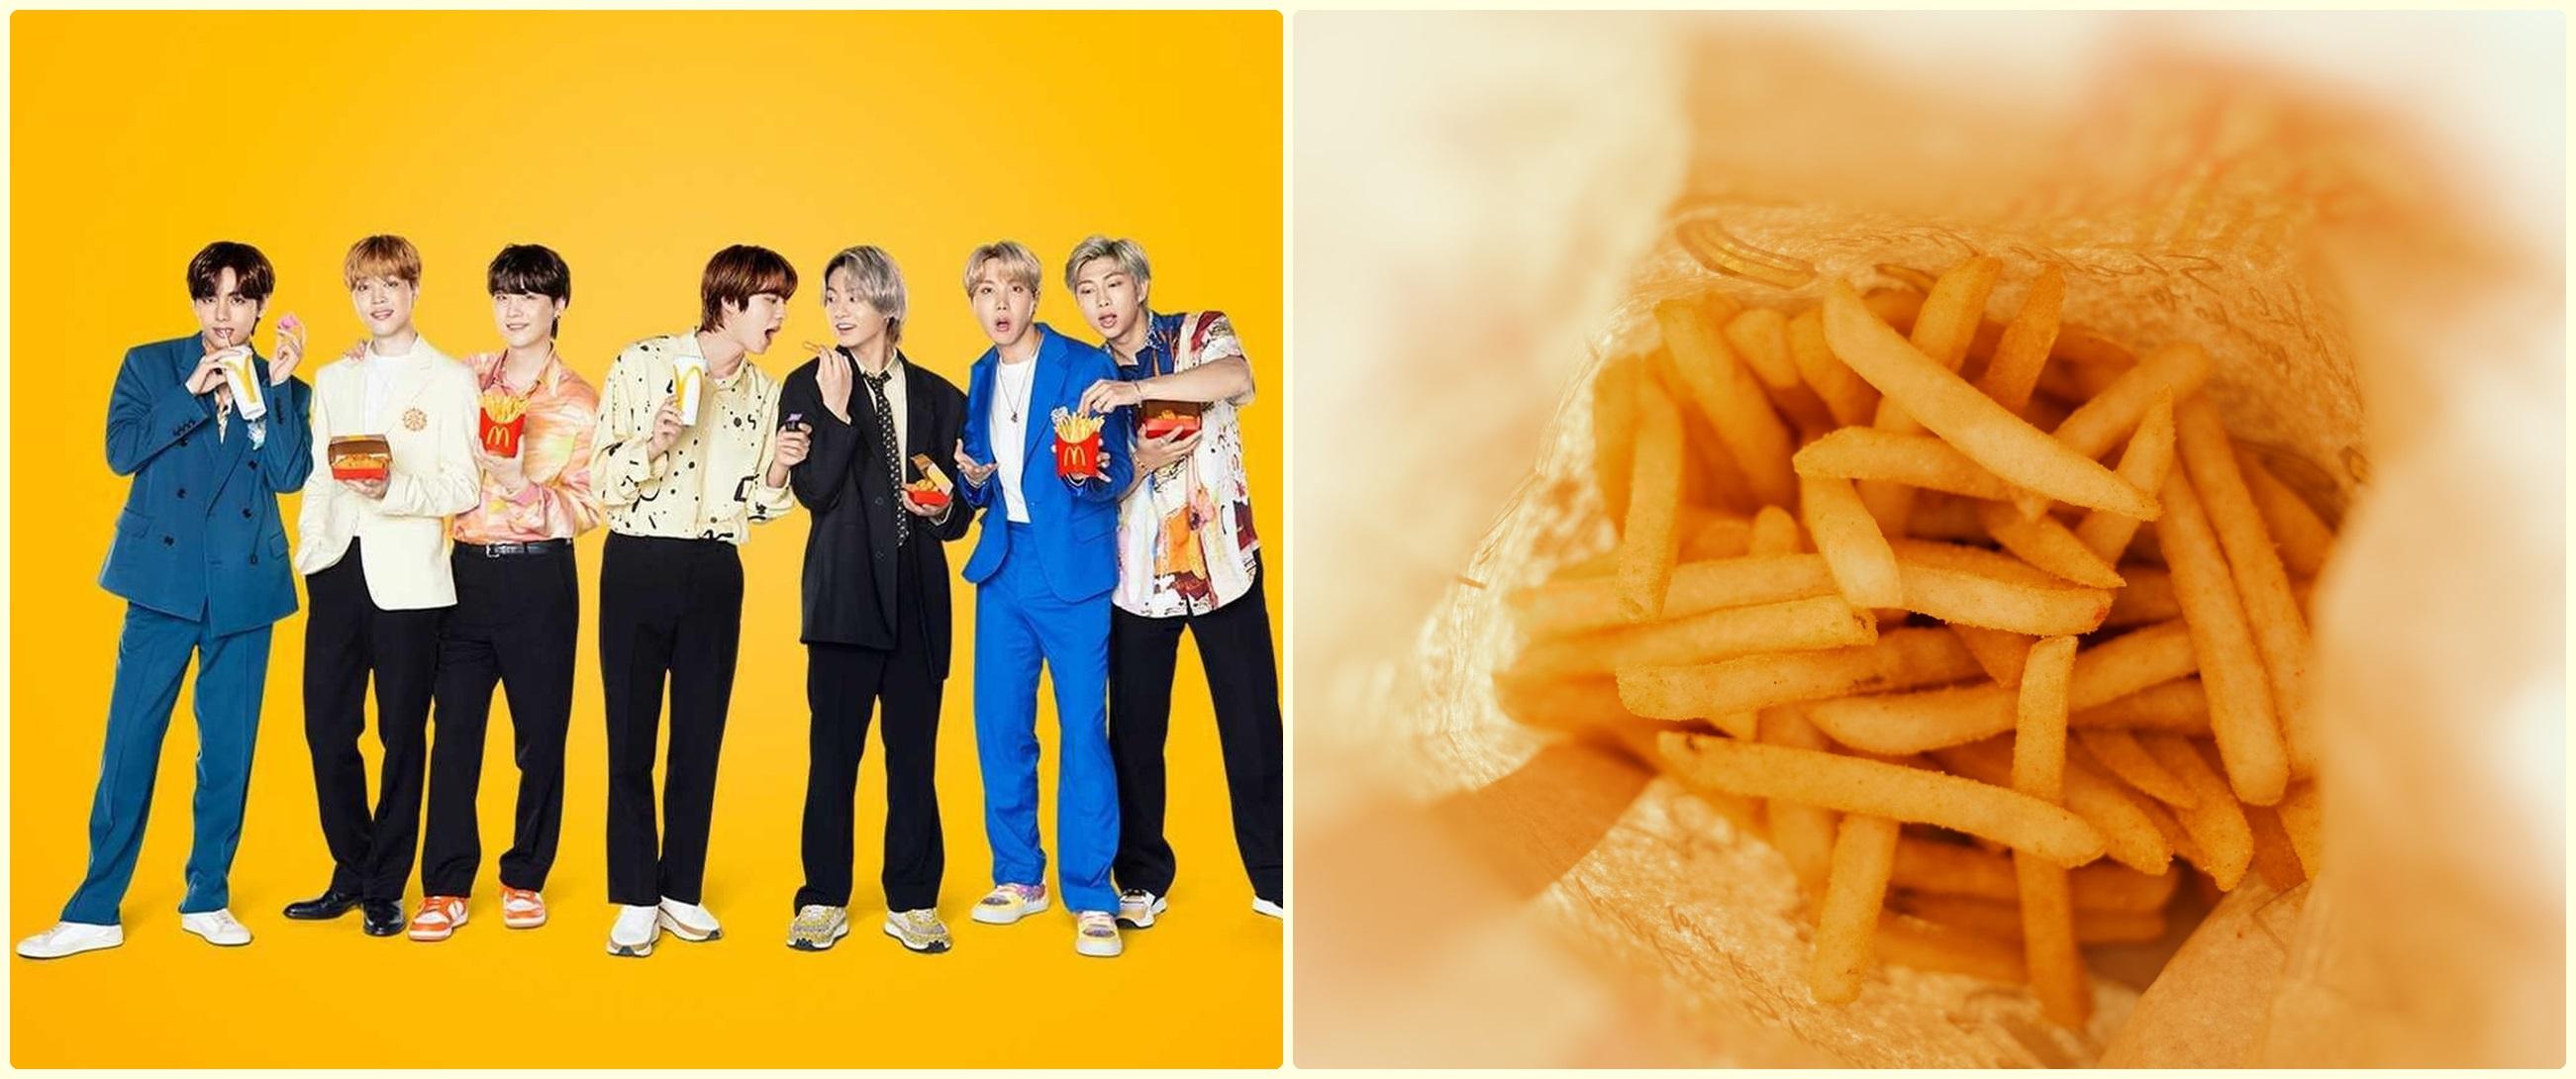 Resmi rilis hari ini, begini potret antrean pembeli BTS Meal